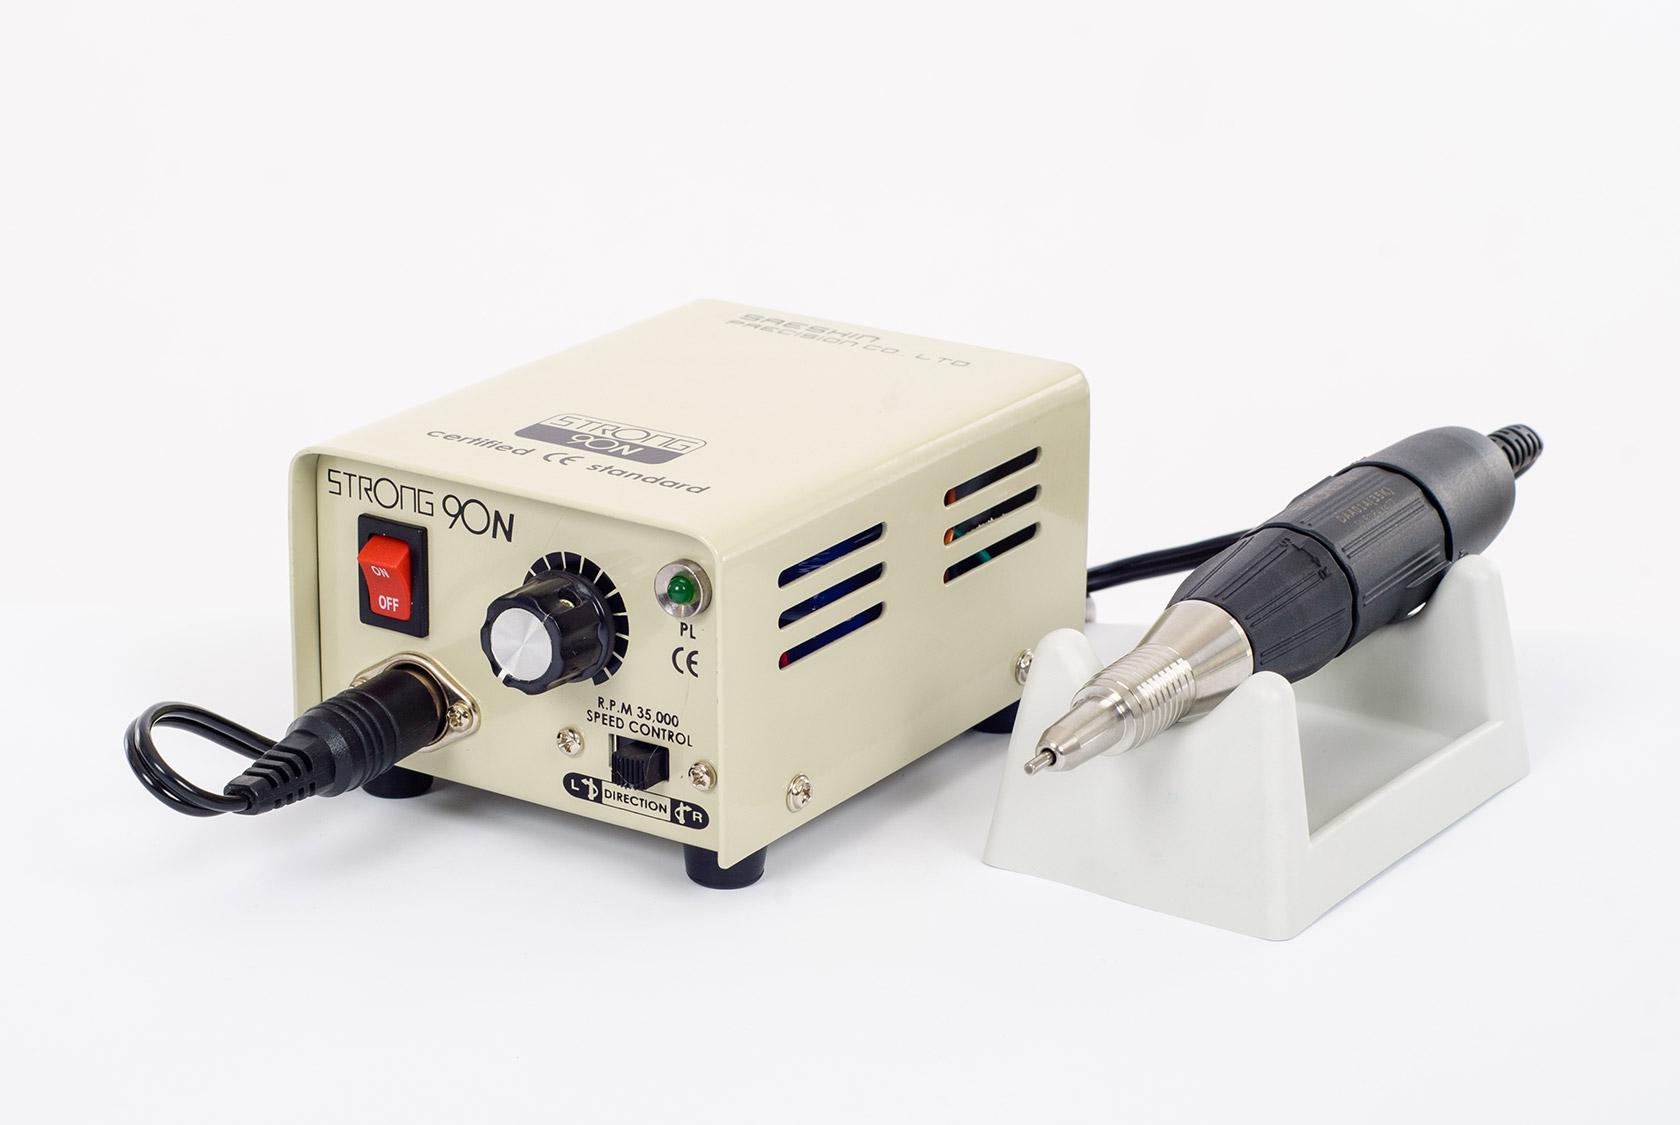 Аппарат для маникюра и педикюра Strong 90N/102